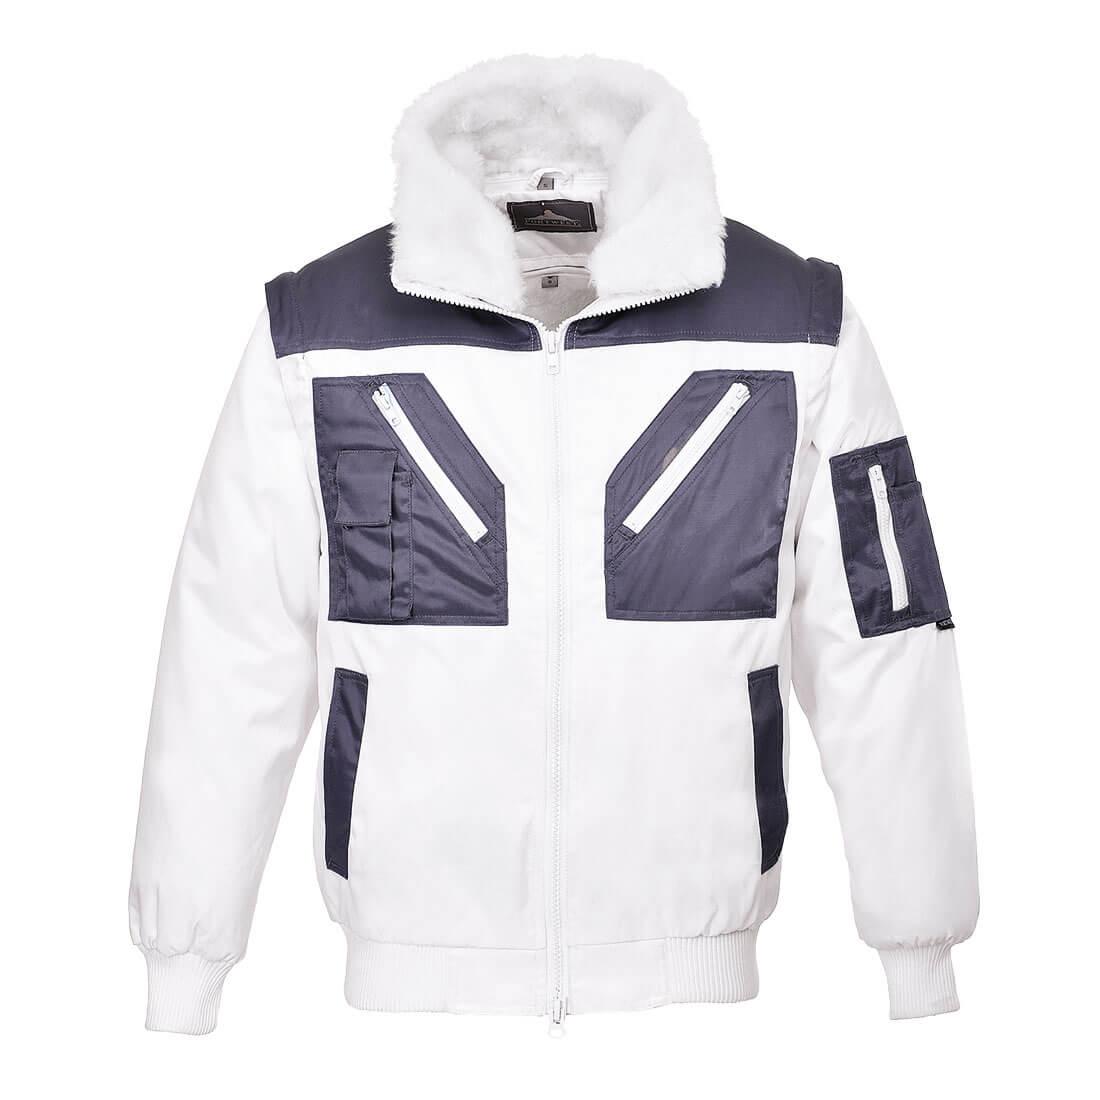 Pilot Jacket 2-Tone White XXXLR